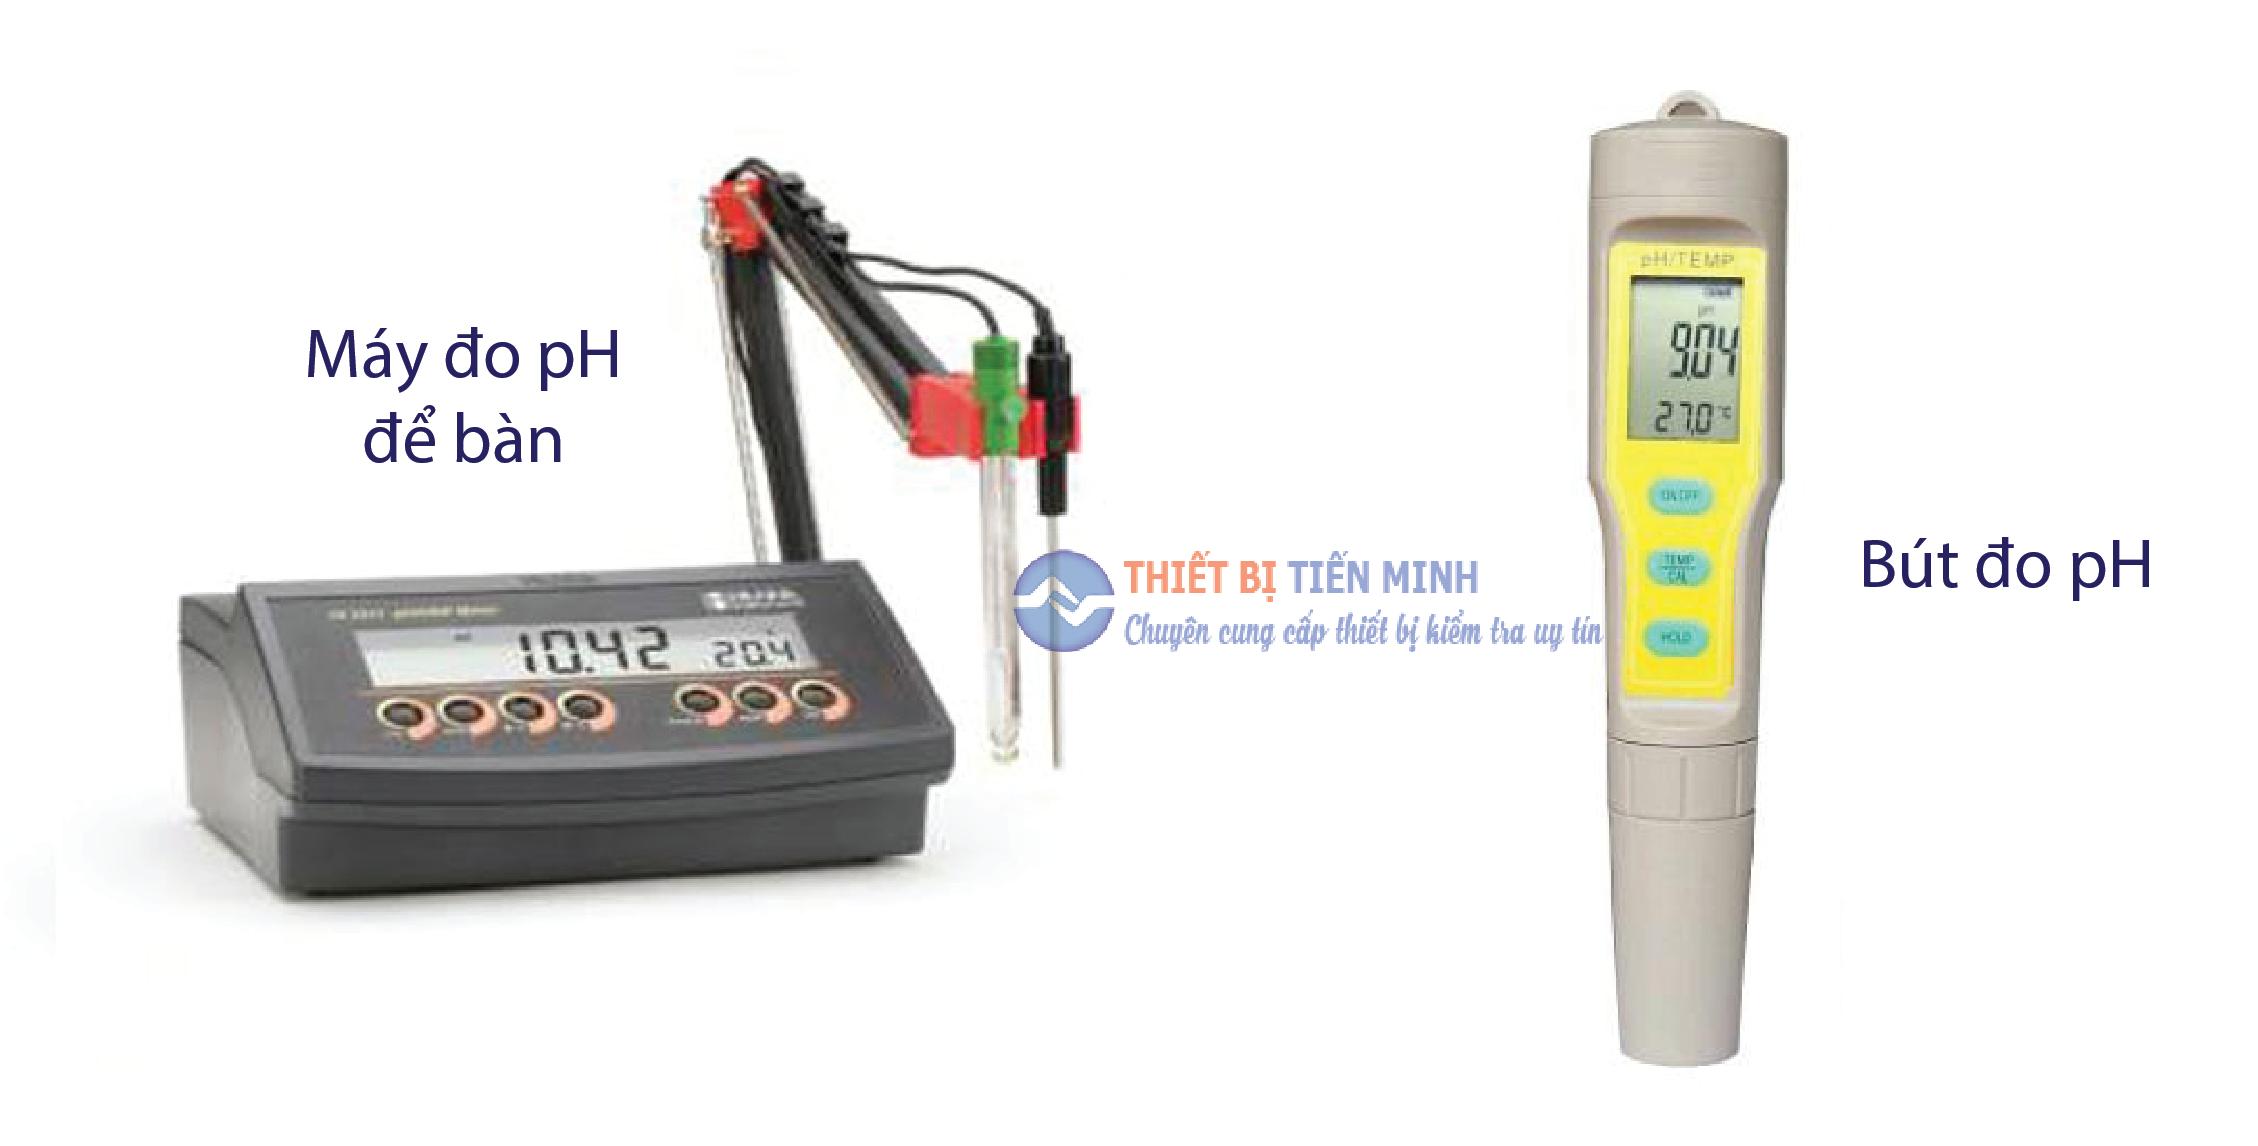 Máy đo pH phân loại dựa trên tính di động